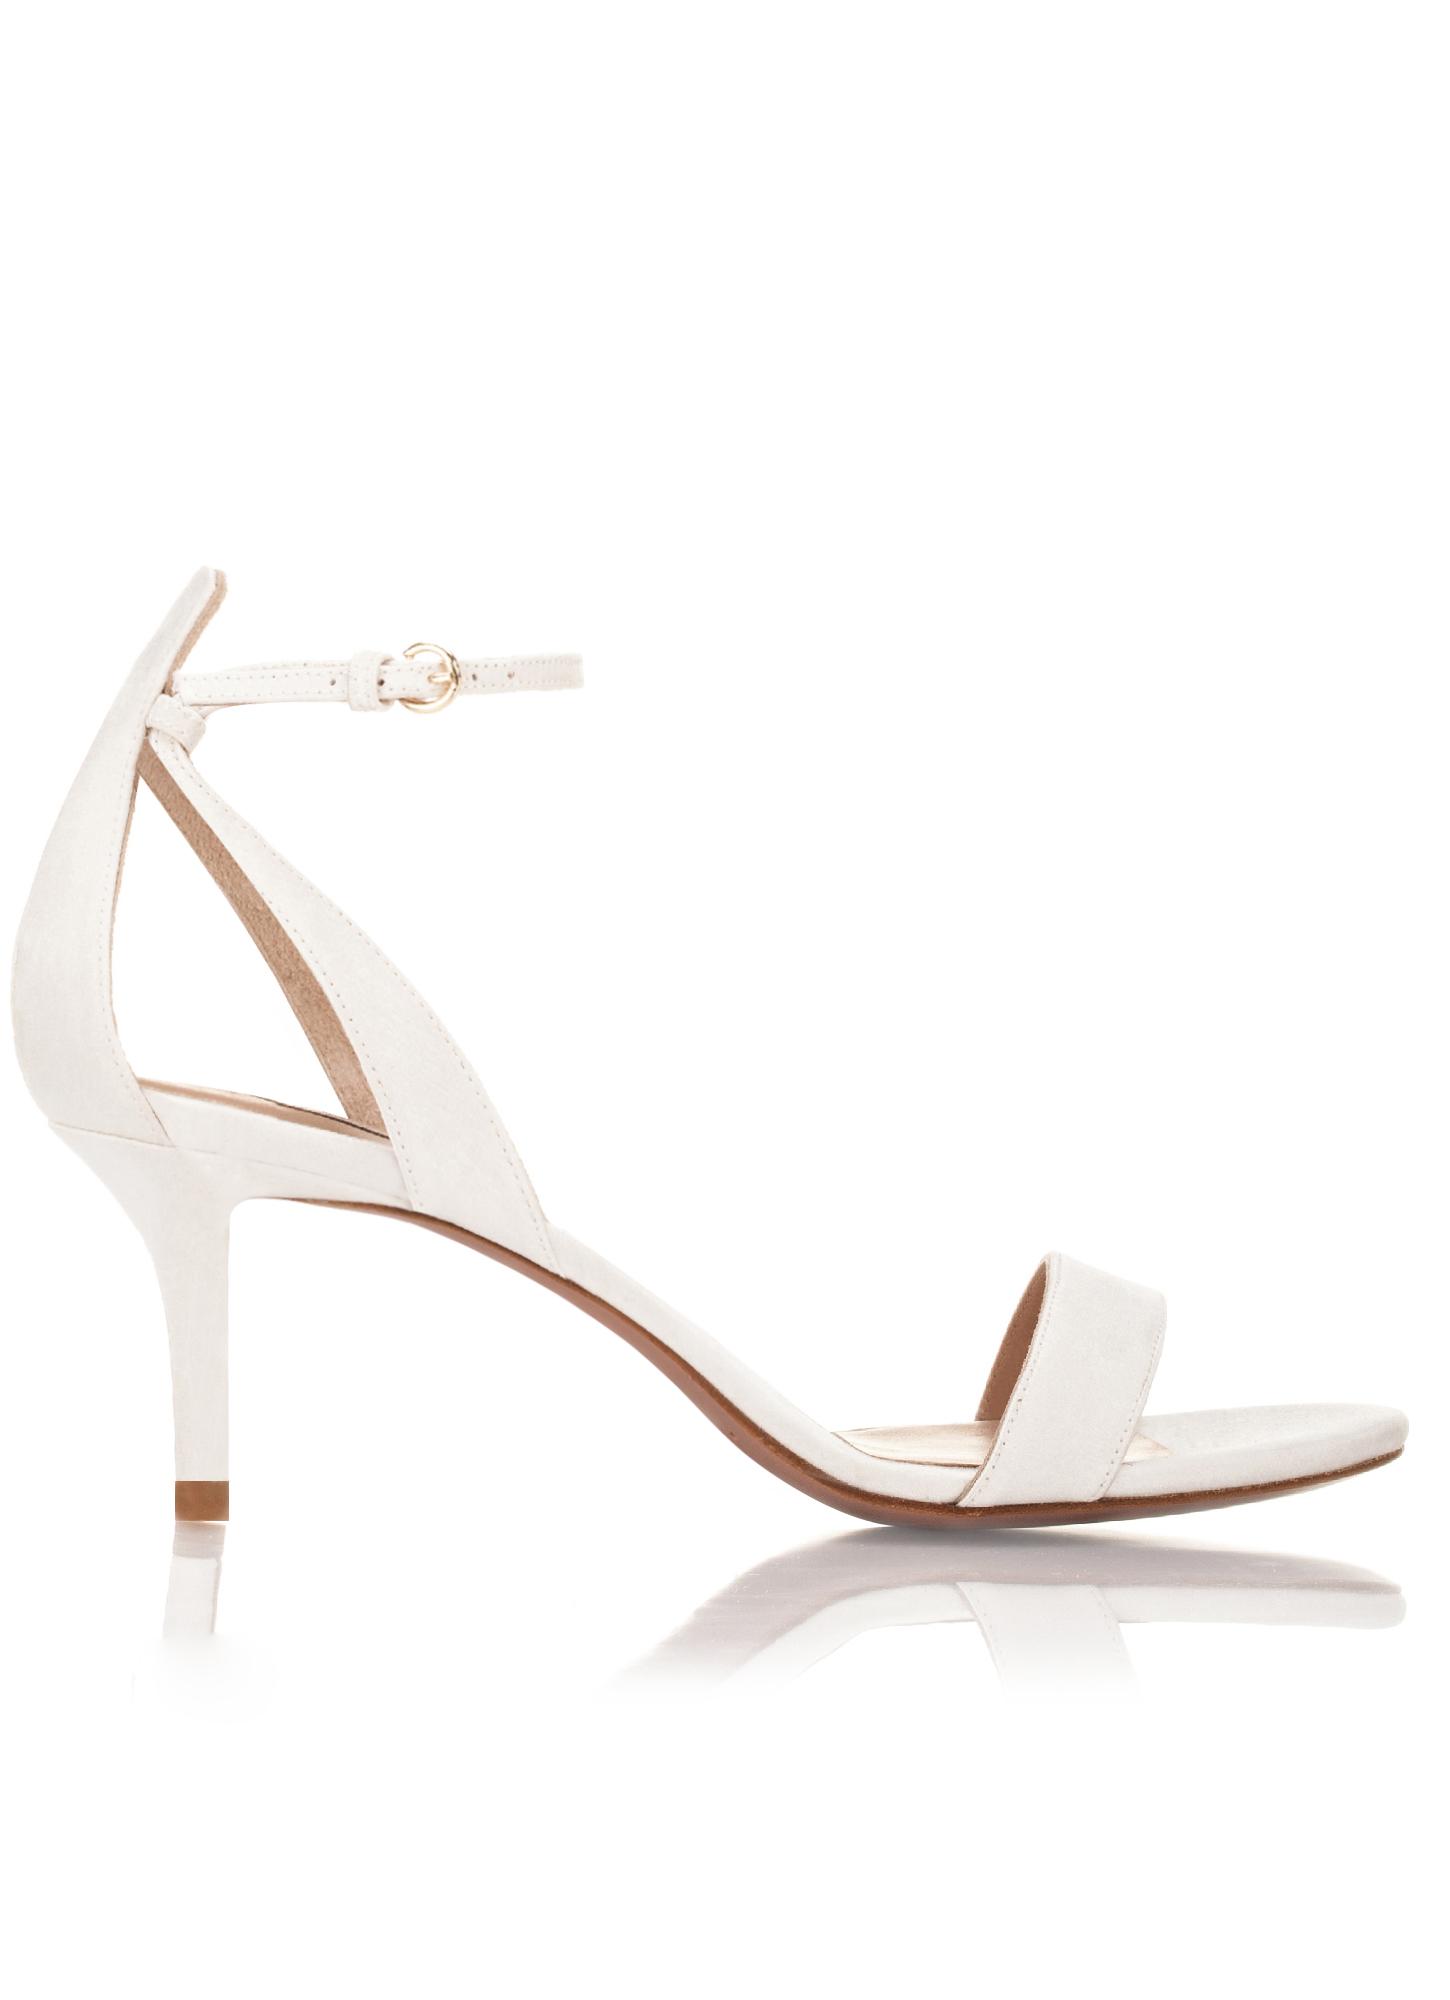 Zapatos Sandalias Tacon Medio